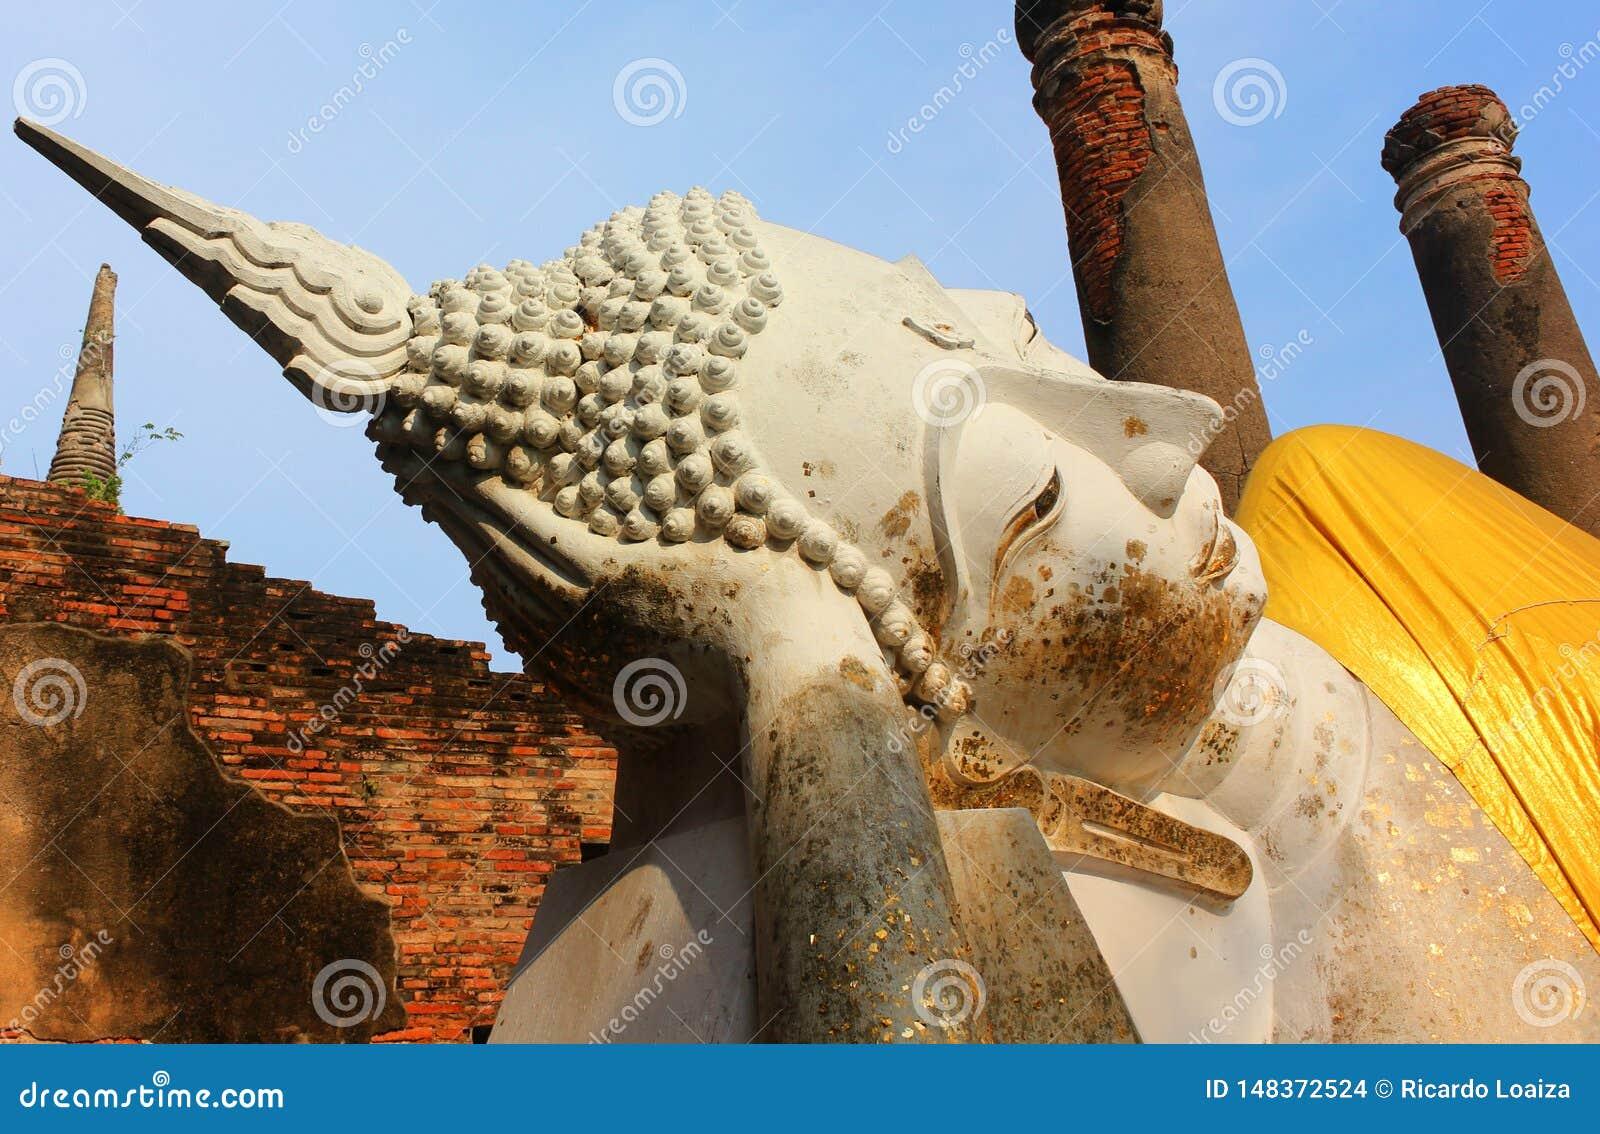 Μεγάλο άγαλμα του Βούδα στον αρχαίο ναό Wat Phra Sri Sanphet, η παλαιά Royal Palace Ayutthaya, Ταϊλάνδη